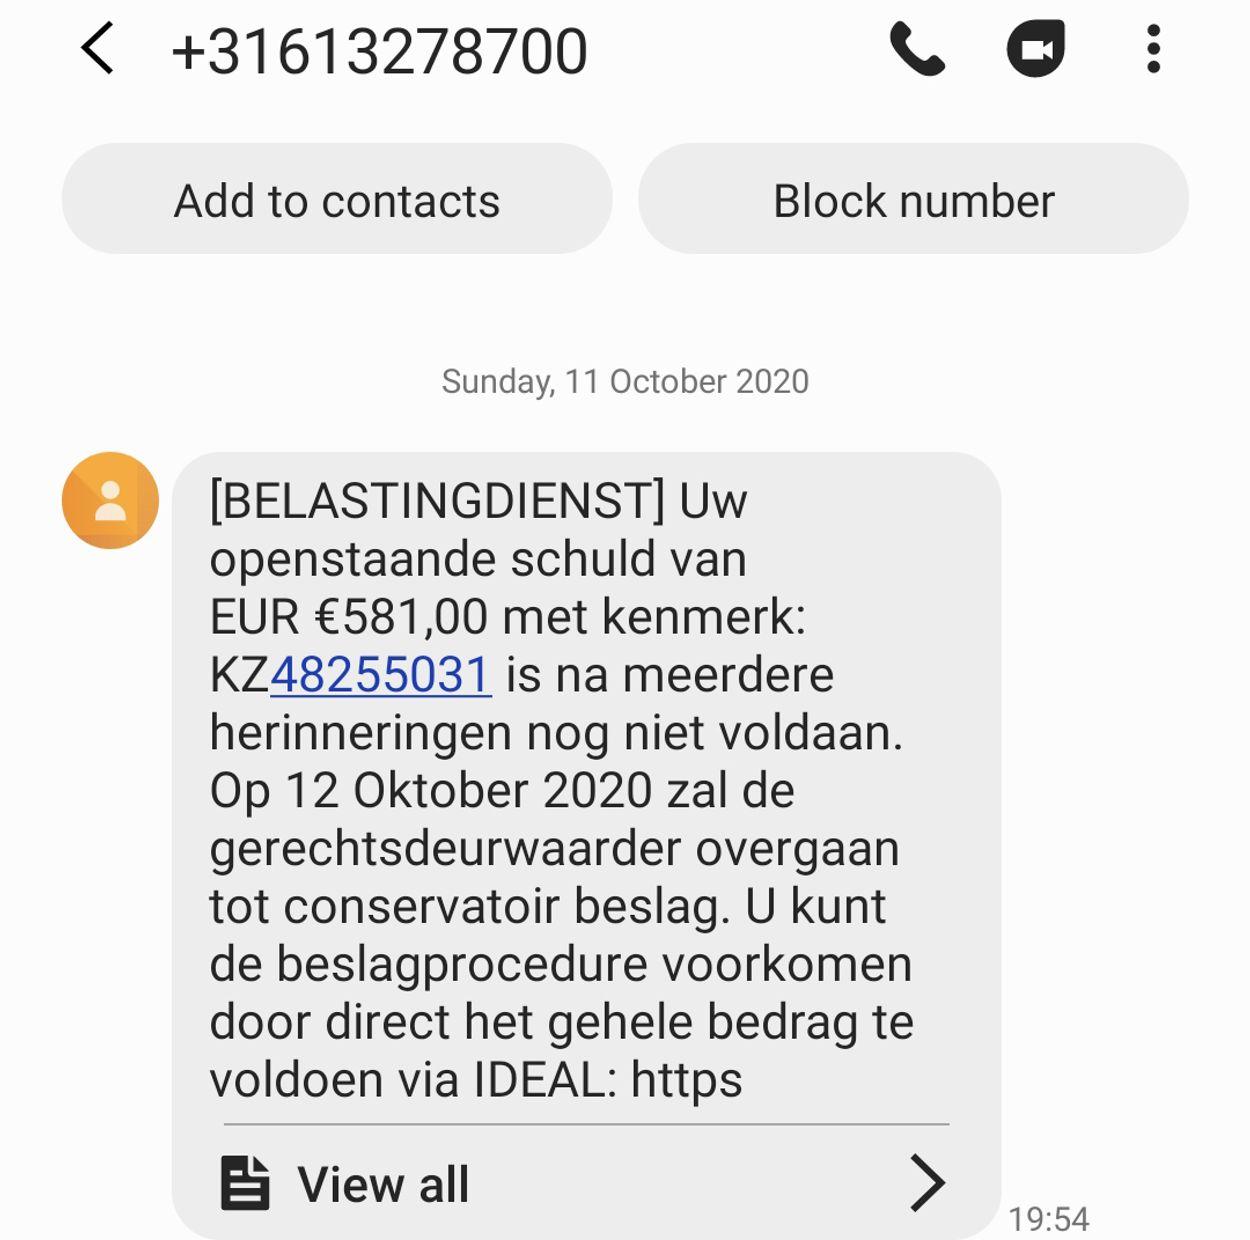 schuld sms Bdienst phishing